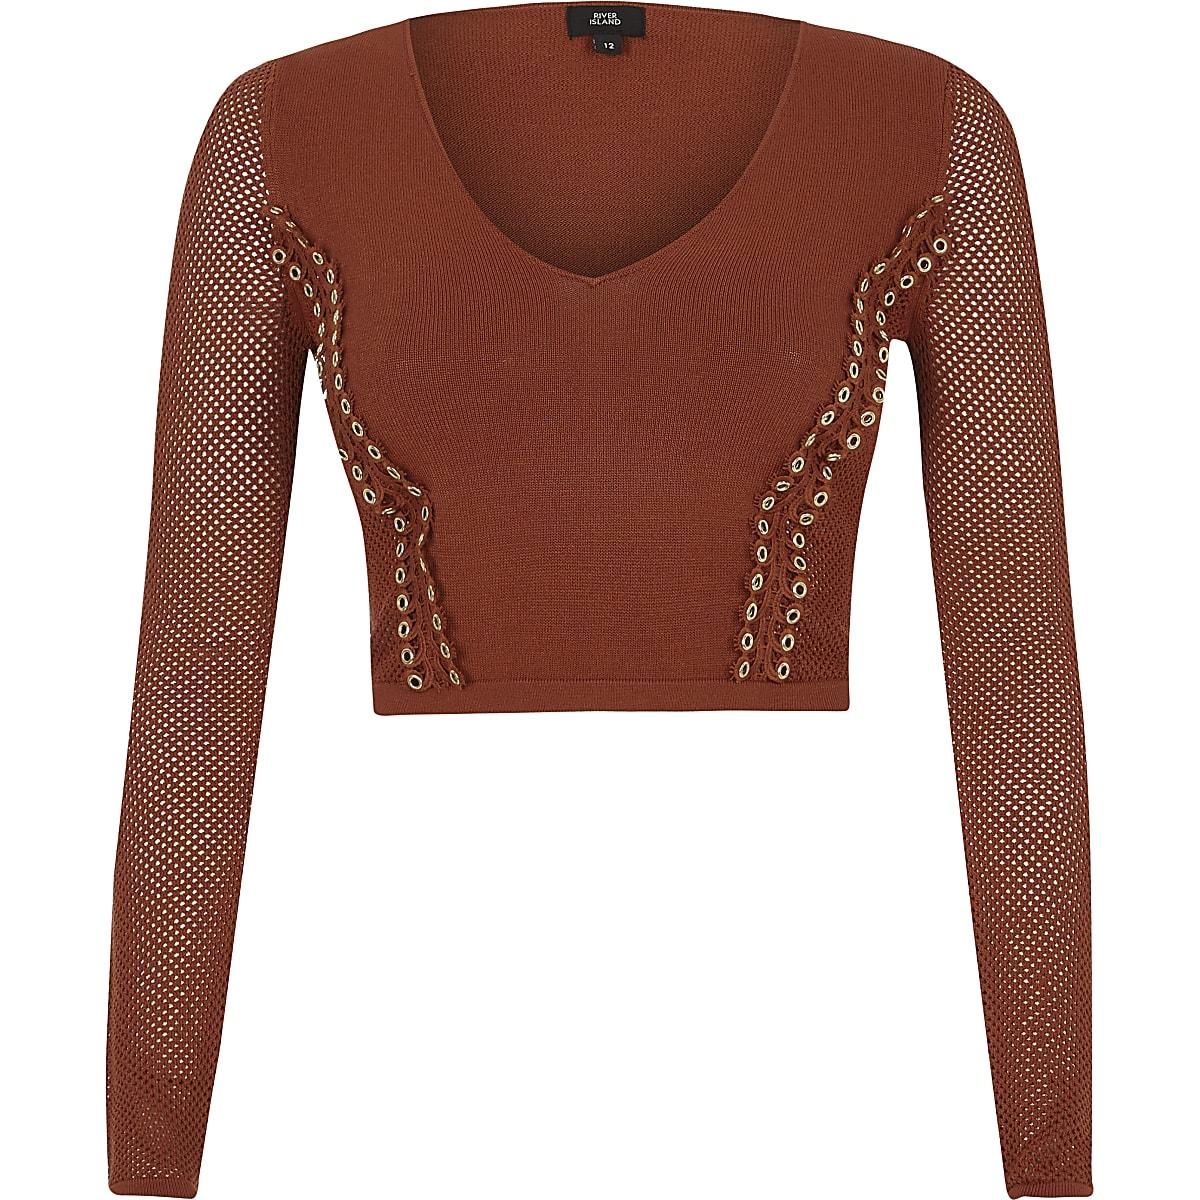 Orange eyelet pointelle knit V neck crop top